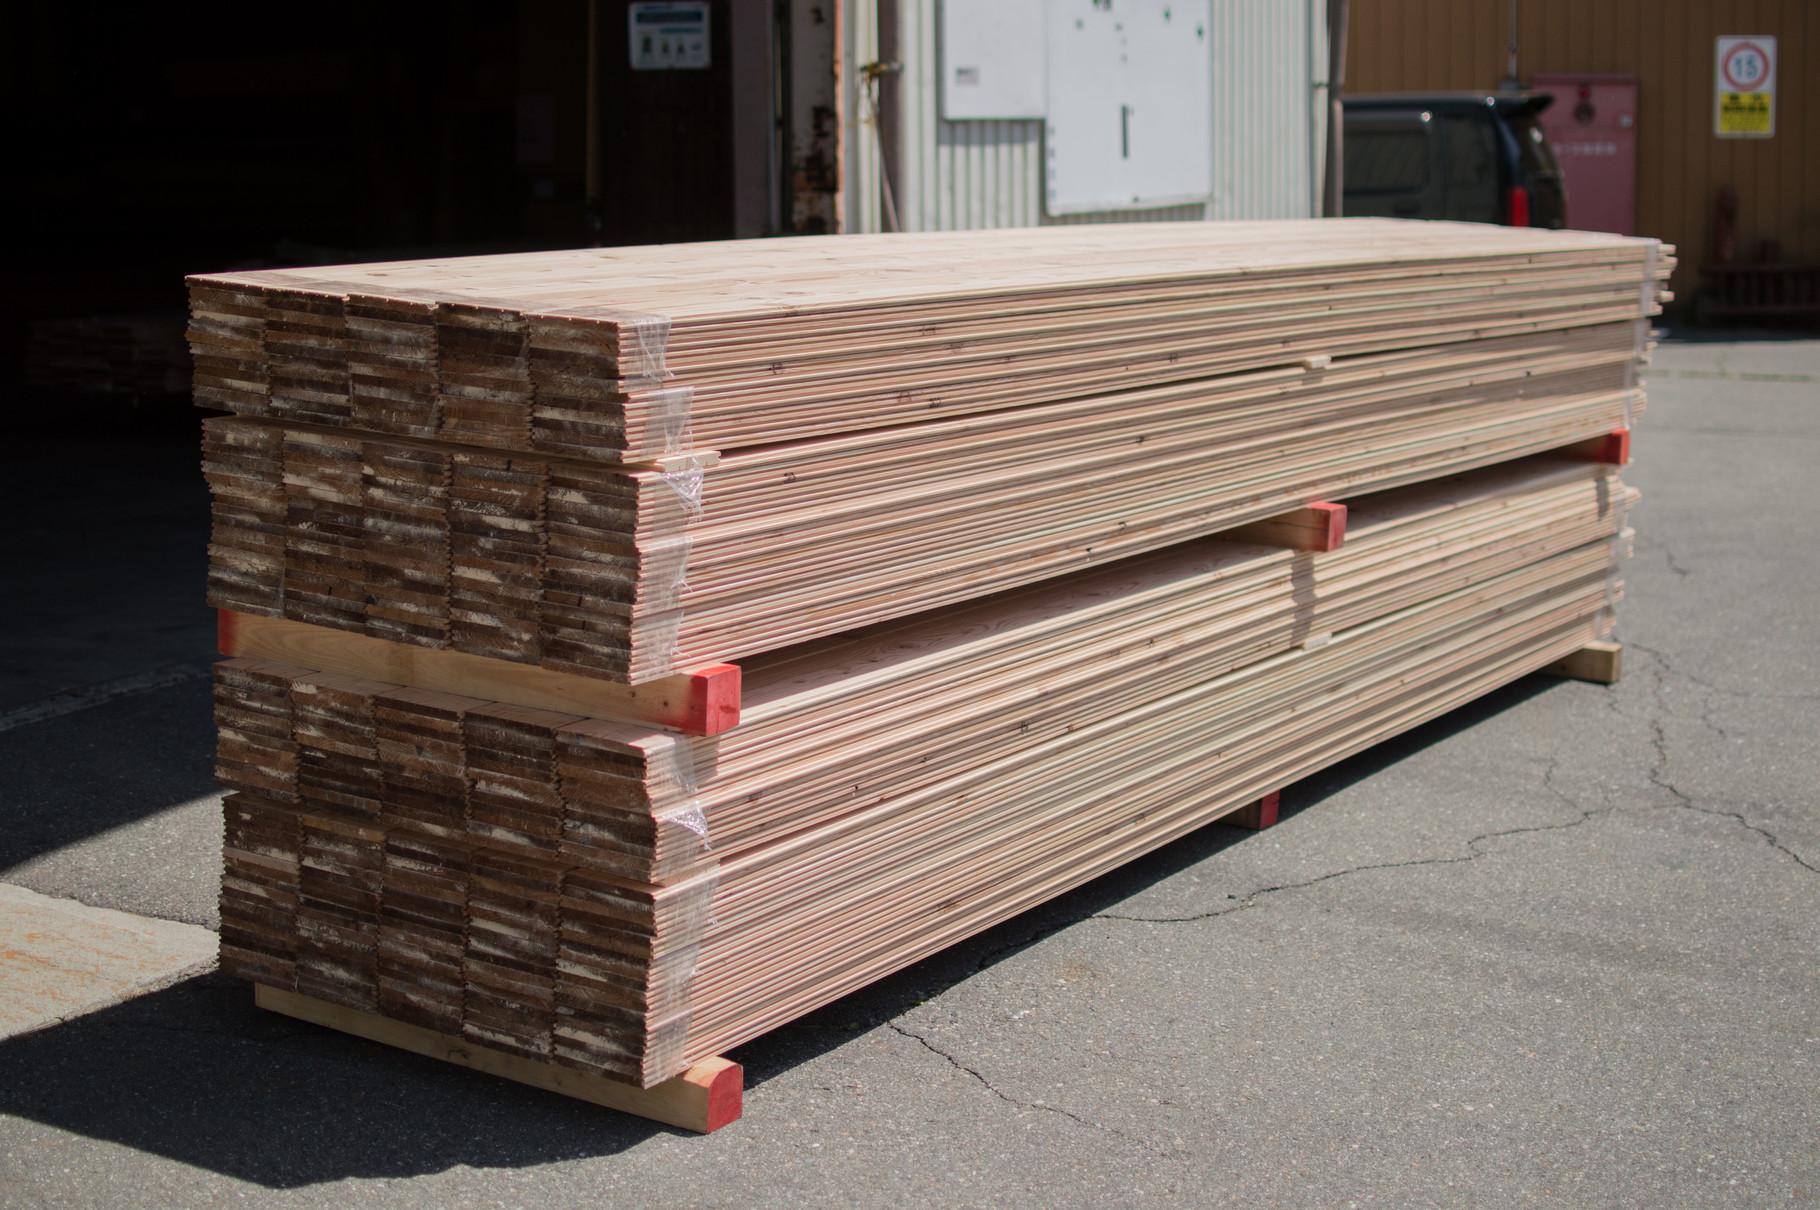 伊那唐松フローリングの受渡荷姿例。4mと長い製品になりますのでご注意ください。